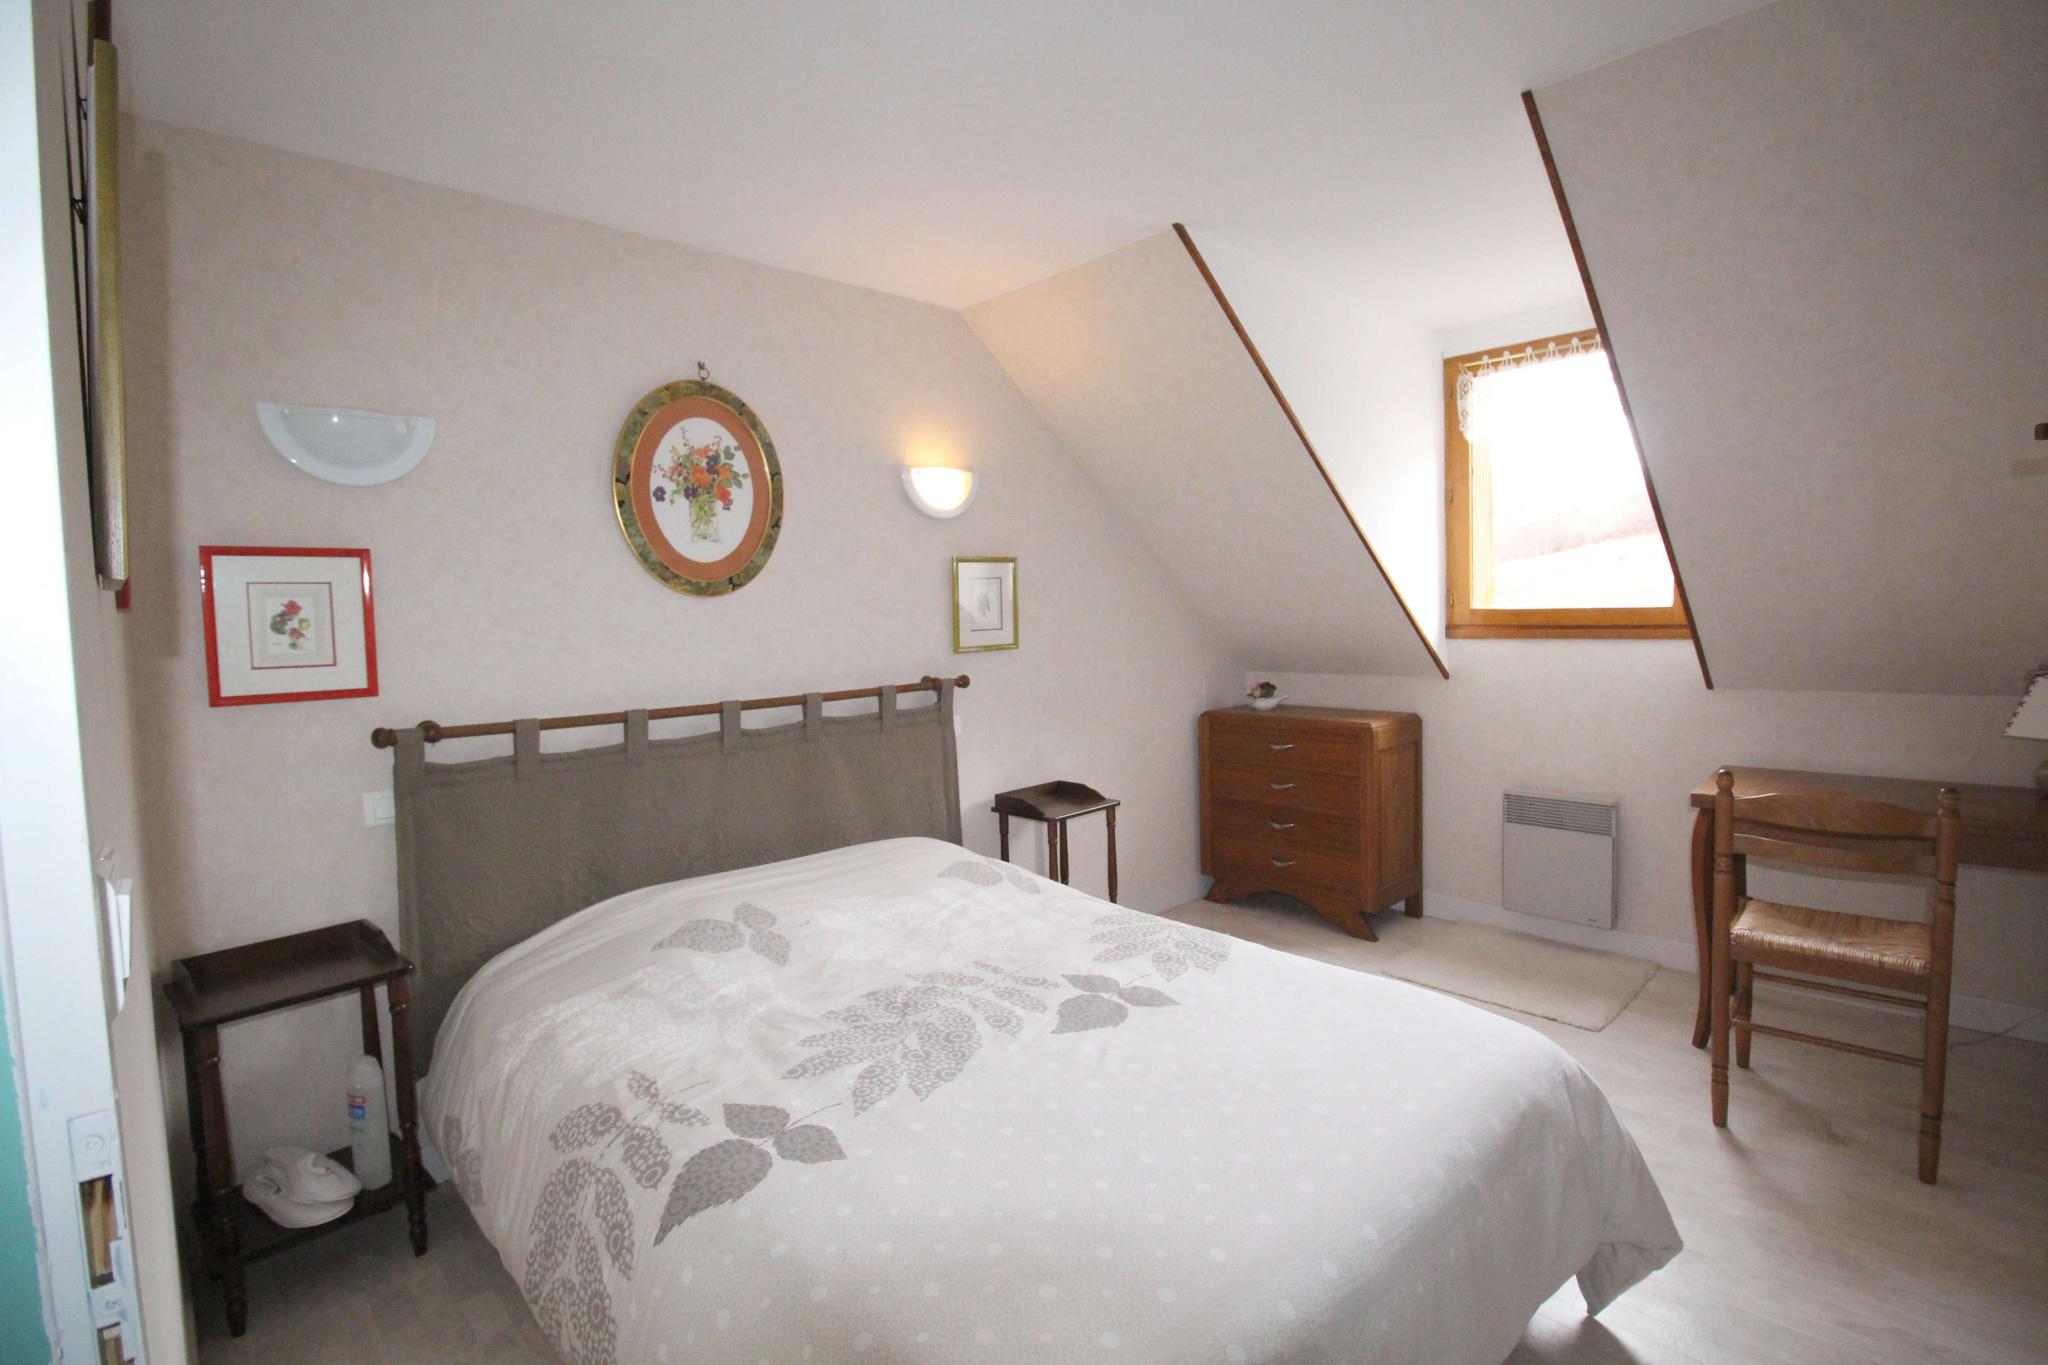 maison 5 pièce(s) - VALLEE DU LARBOUST